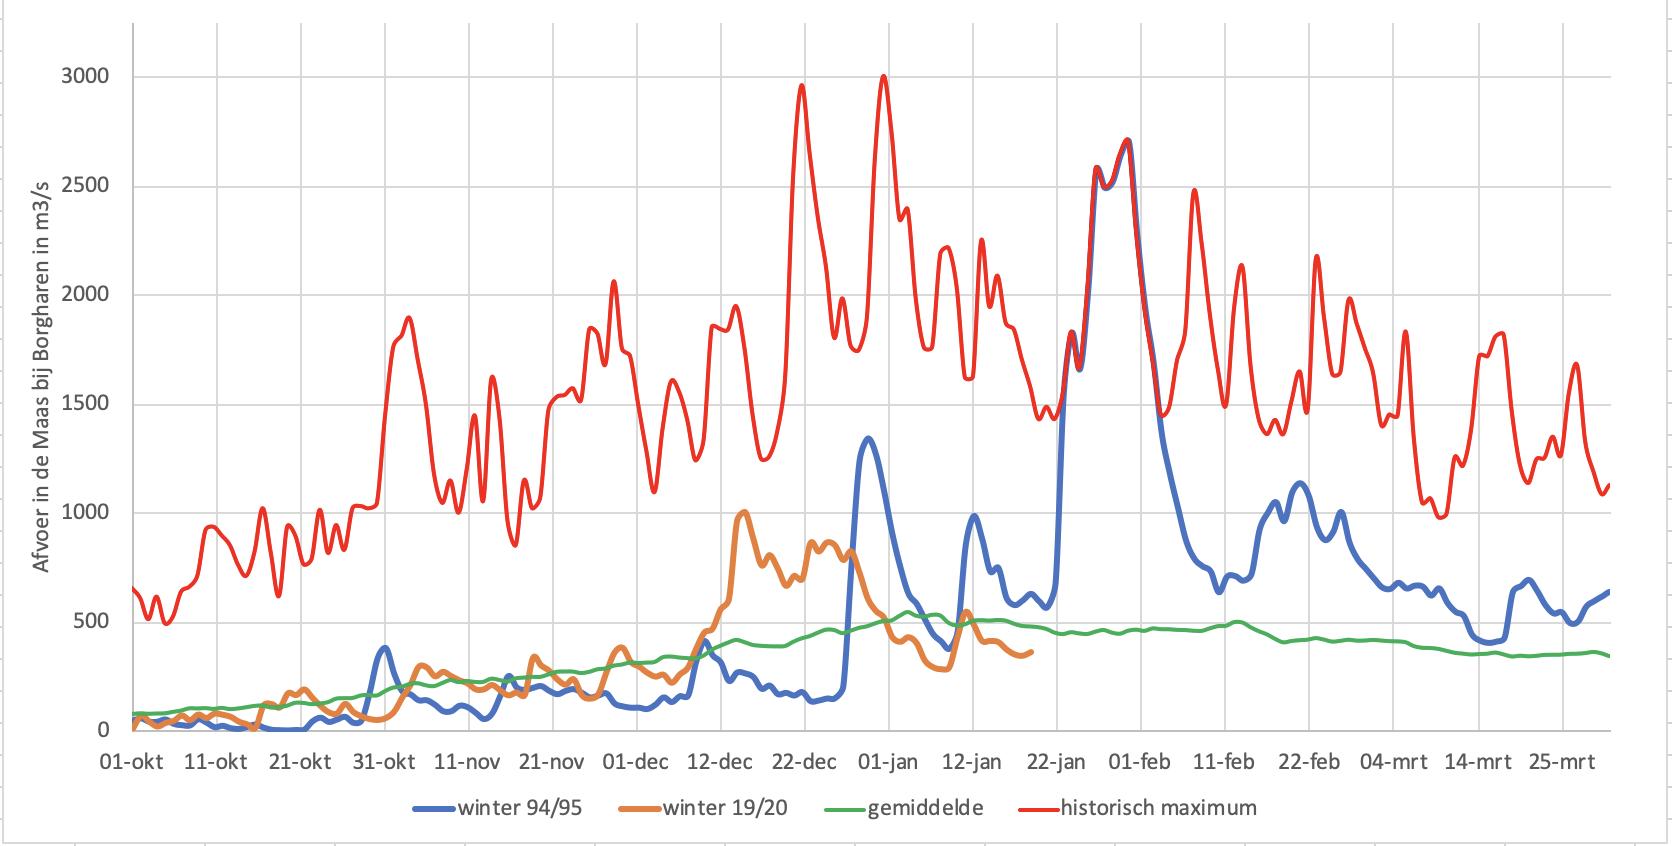 Verloop van de Maasafvoer in de winter van 1994/95 (blauwe lijn) met daarbij de hoogste dagafvoer, de gemiddelde dagafvoer en het afvoerverloop in de huidige winter.